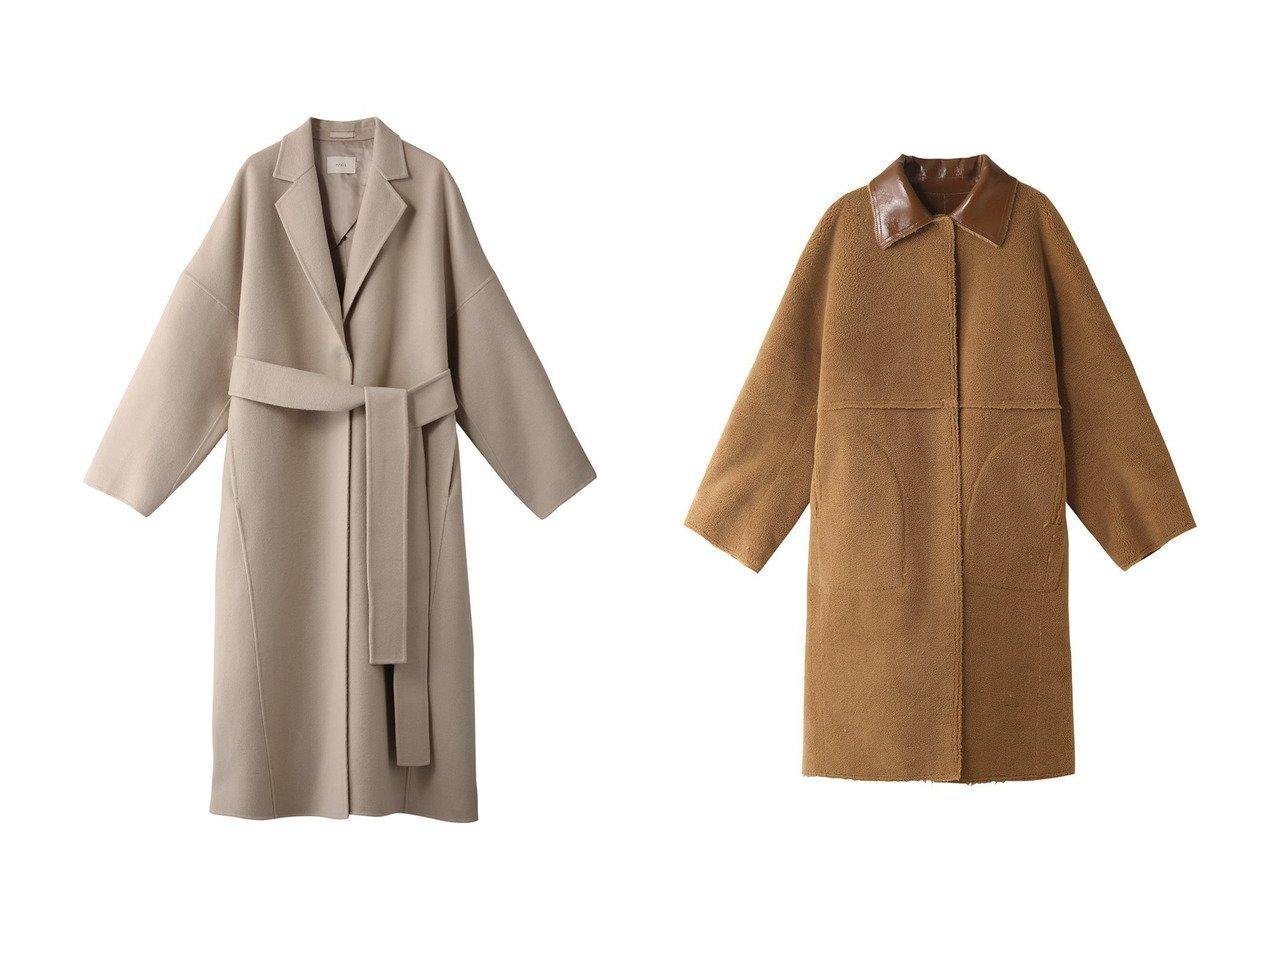 【LE CIEL BLEU/ルシェル ブルー】のフェイクパテントシアリングコート&【LE PHIL/ル フィル】のソフトウールビーバーコート アウターのおすすめ!人気、レディースファッションの通販  おすすめで人気のファッション通販商品 インテリア・家具・キッズファッション・メンズファッション・レディースファッション・服の通販 founy(ファニー) https://founy.com/ ファッション Fashion レディース WOMEN アウター Coat Outerwear コート Coats ショルダー ドロップ ロング  ID:crp329100000000457